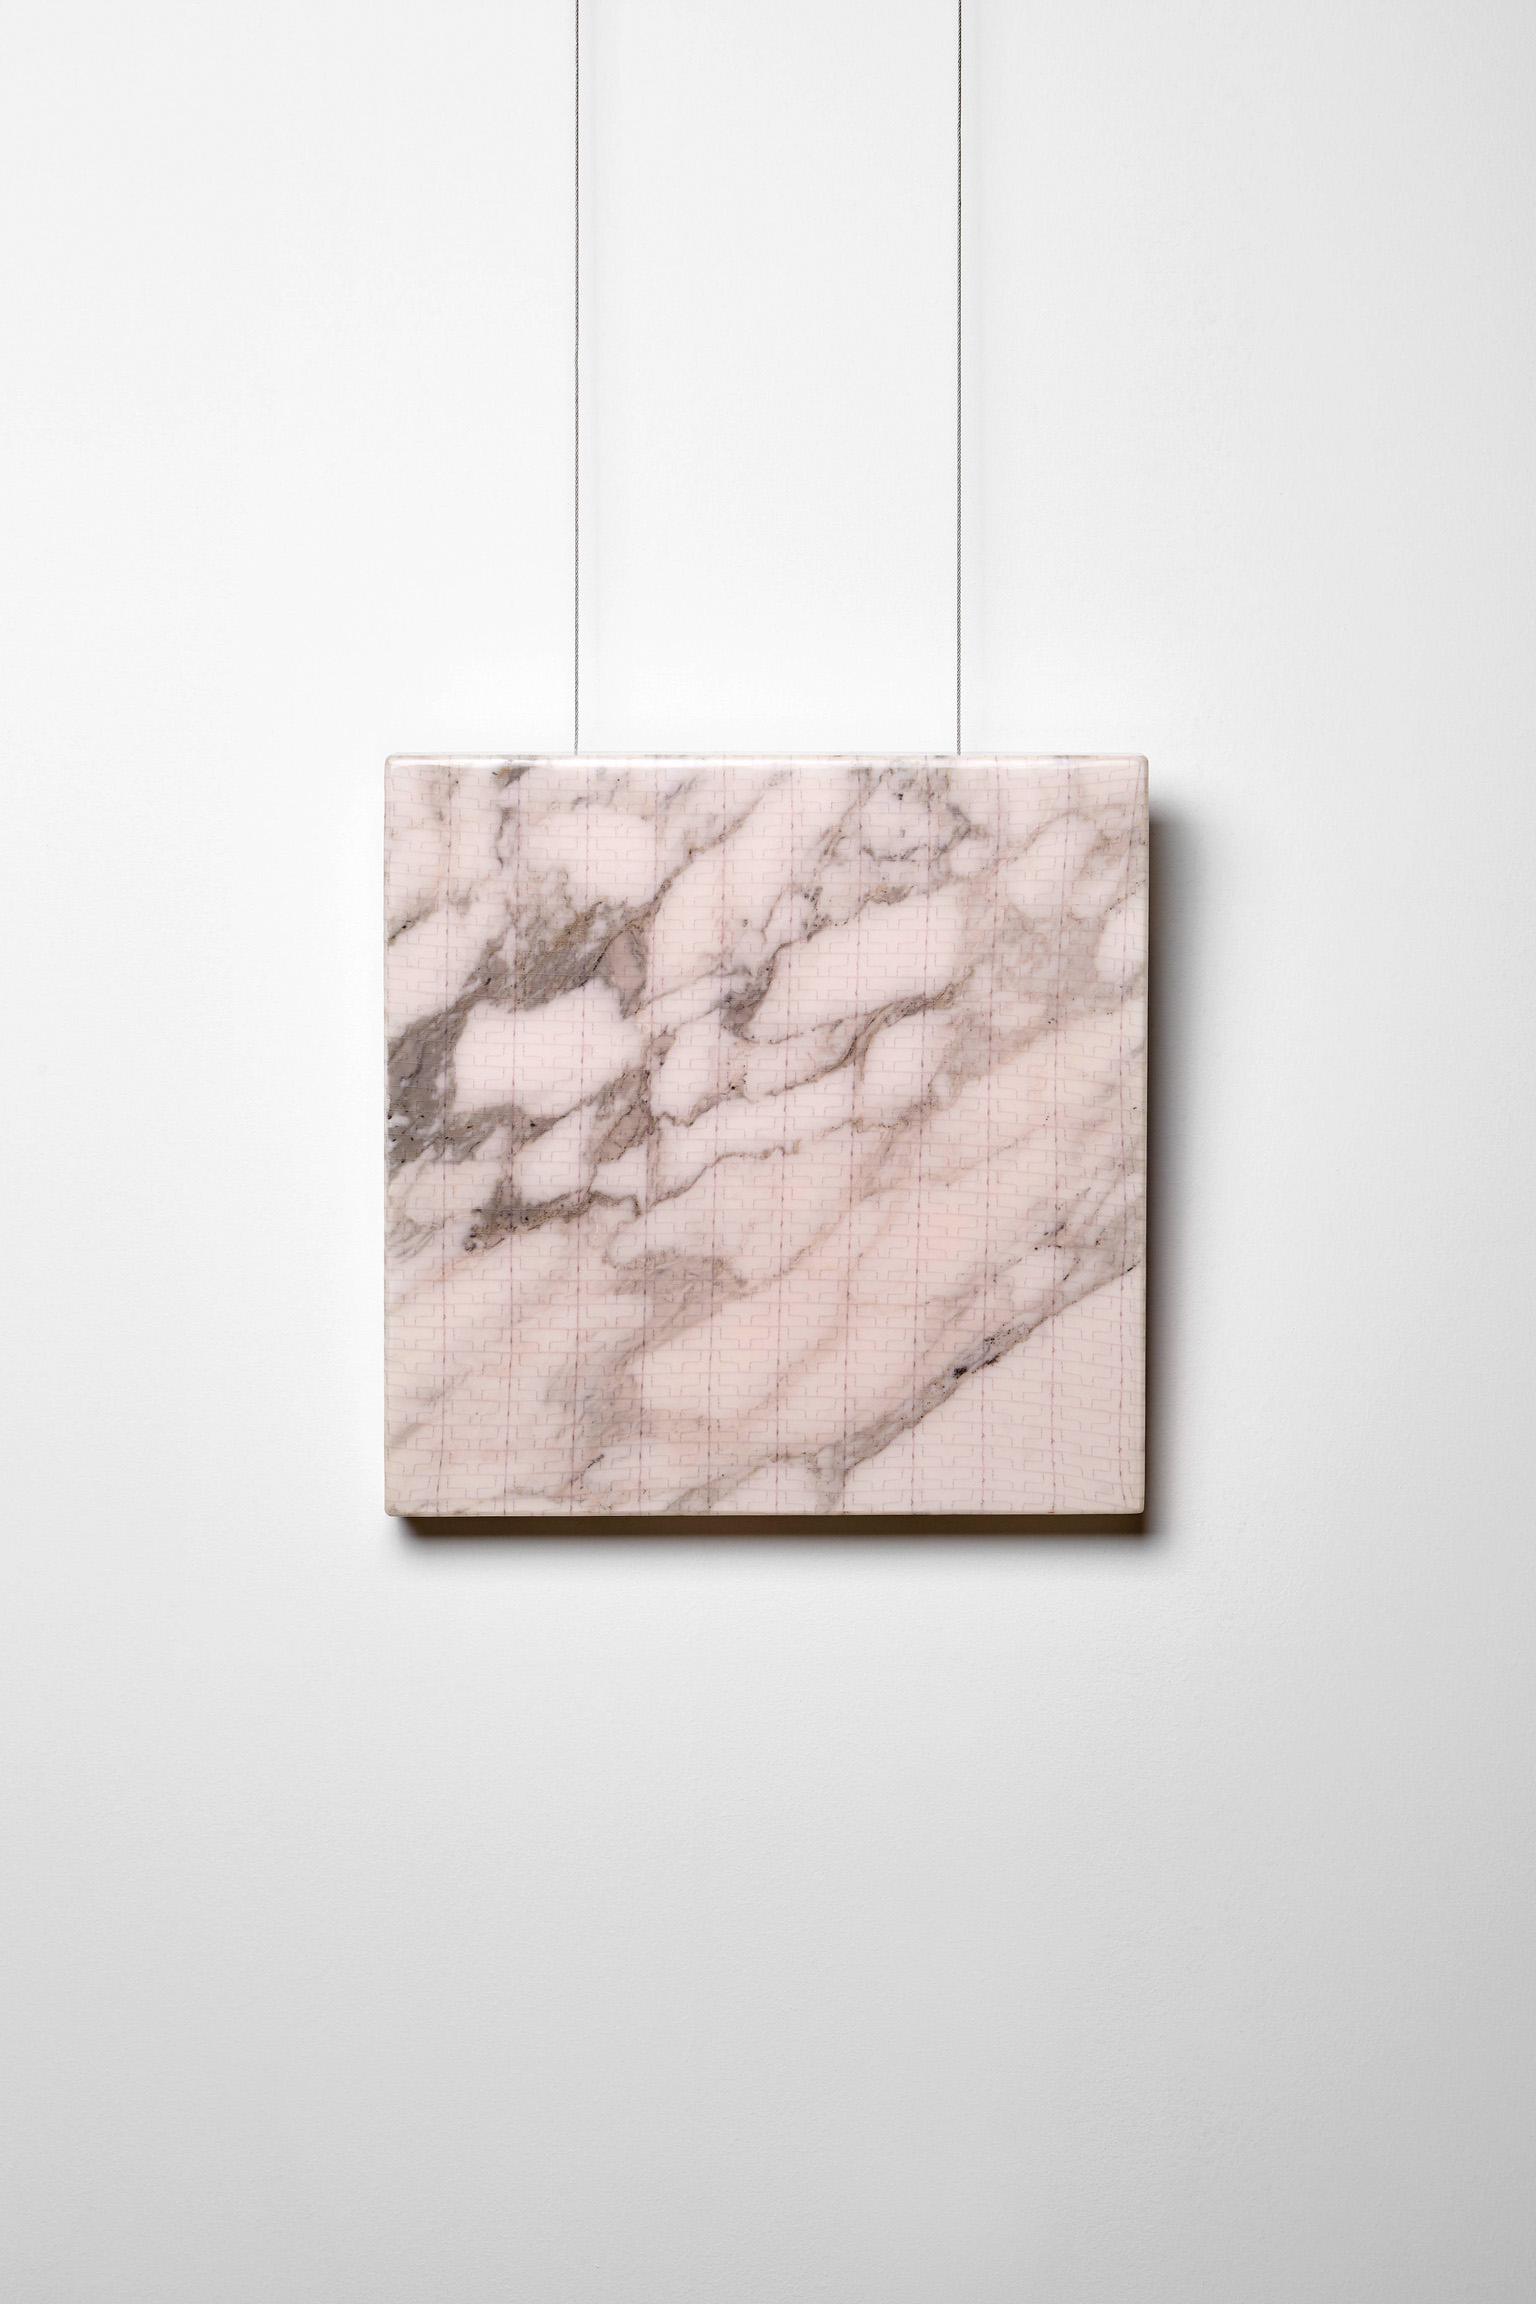 Michele Chiossi SUBABSTRACTION (mauve), 2016 marmo Breccia Capraia, pizzo, resina 40x40x4 cm astrazione zigzag quadro